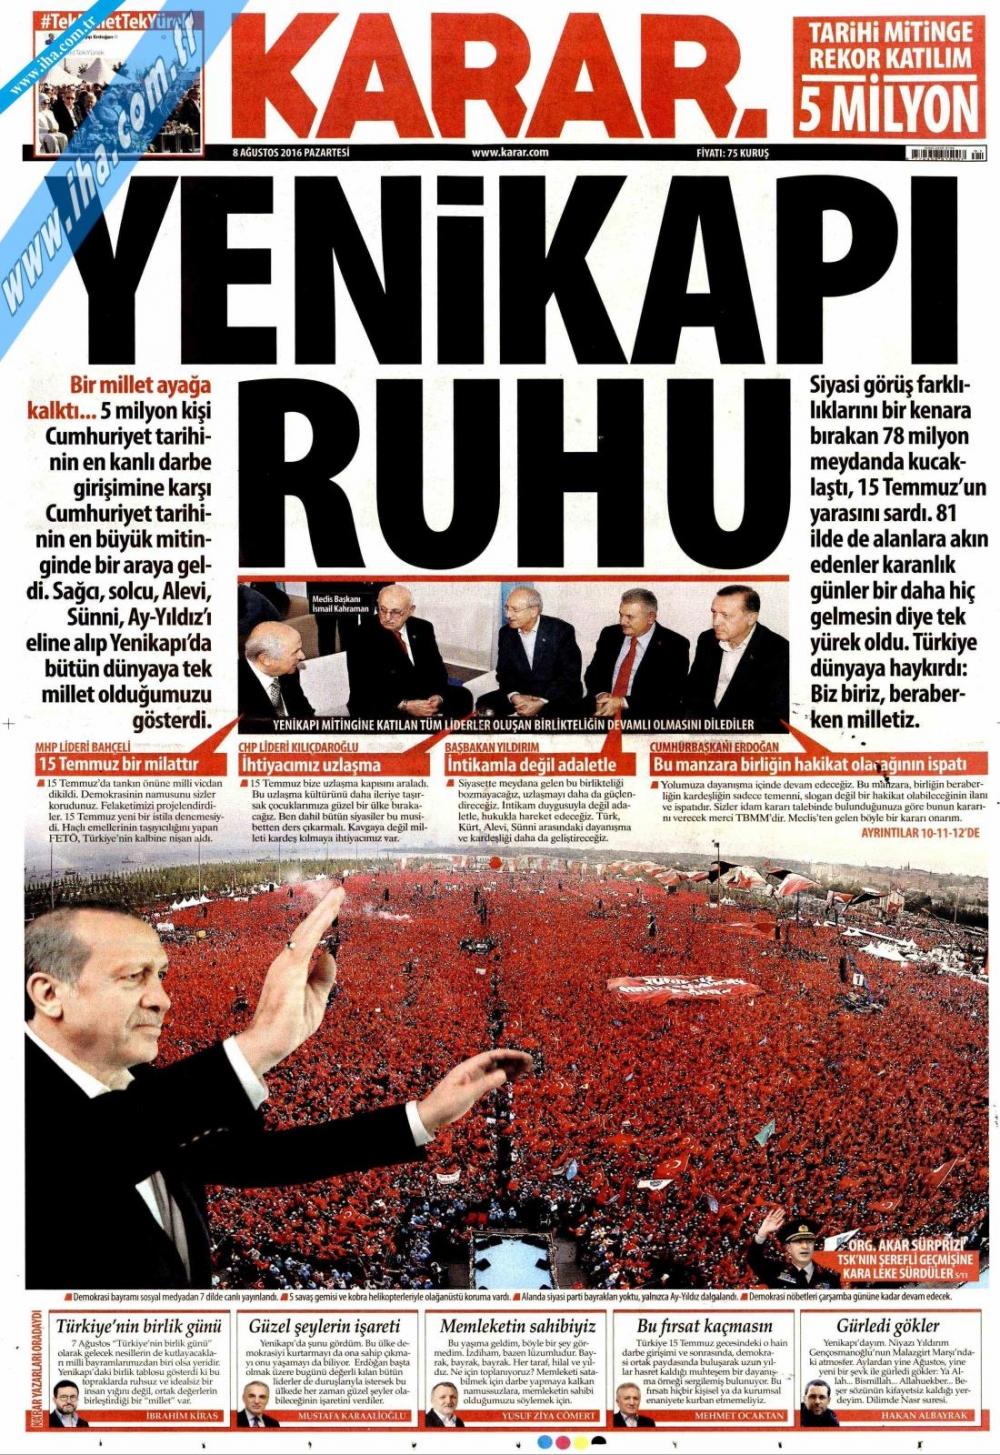 Gazeteler tarihi Yenikapı Mitingi'ni böyle gördü 8